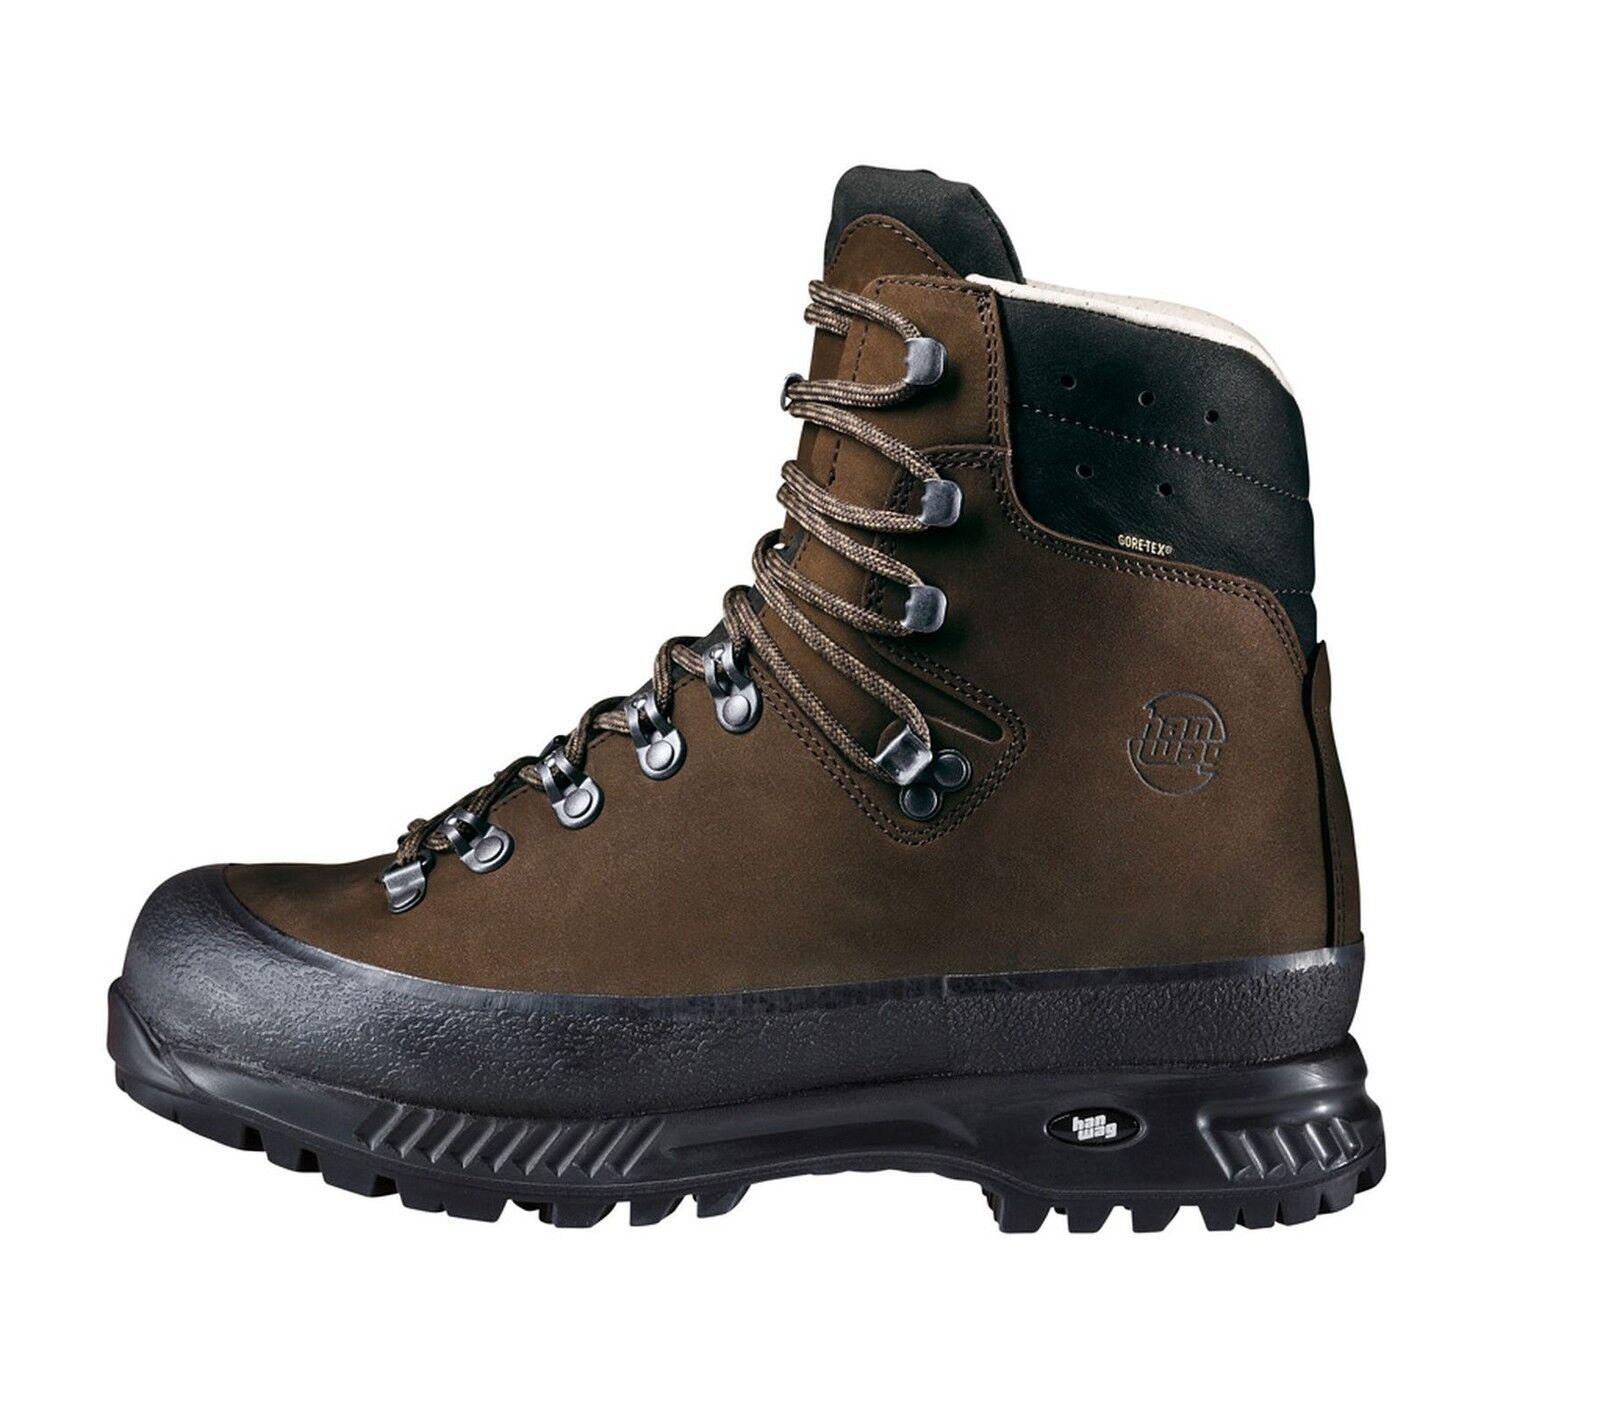 Hanwag zapatos de montaña   alaska Wide GTX Men tamaño 11-tierra 46  hasta un 70% de descuento